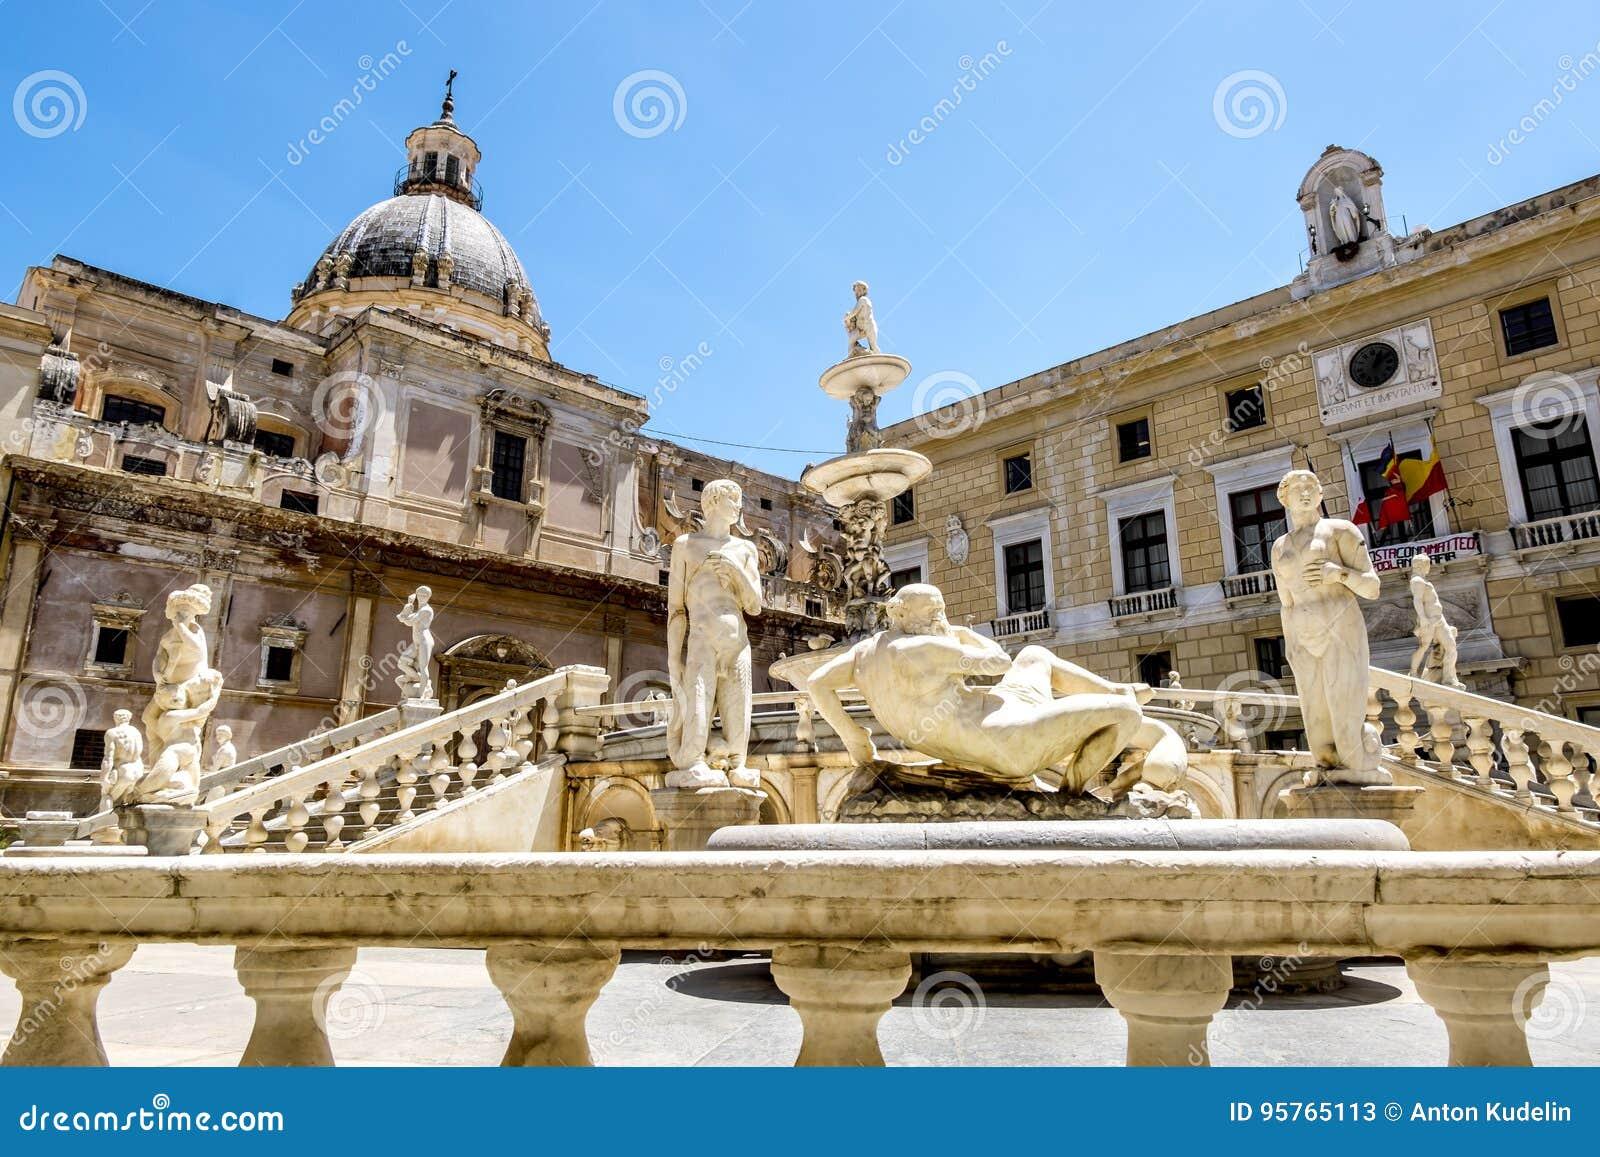 The view of the fountain in Piazza Pretoria in Palermo . Sicily